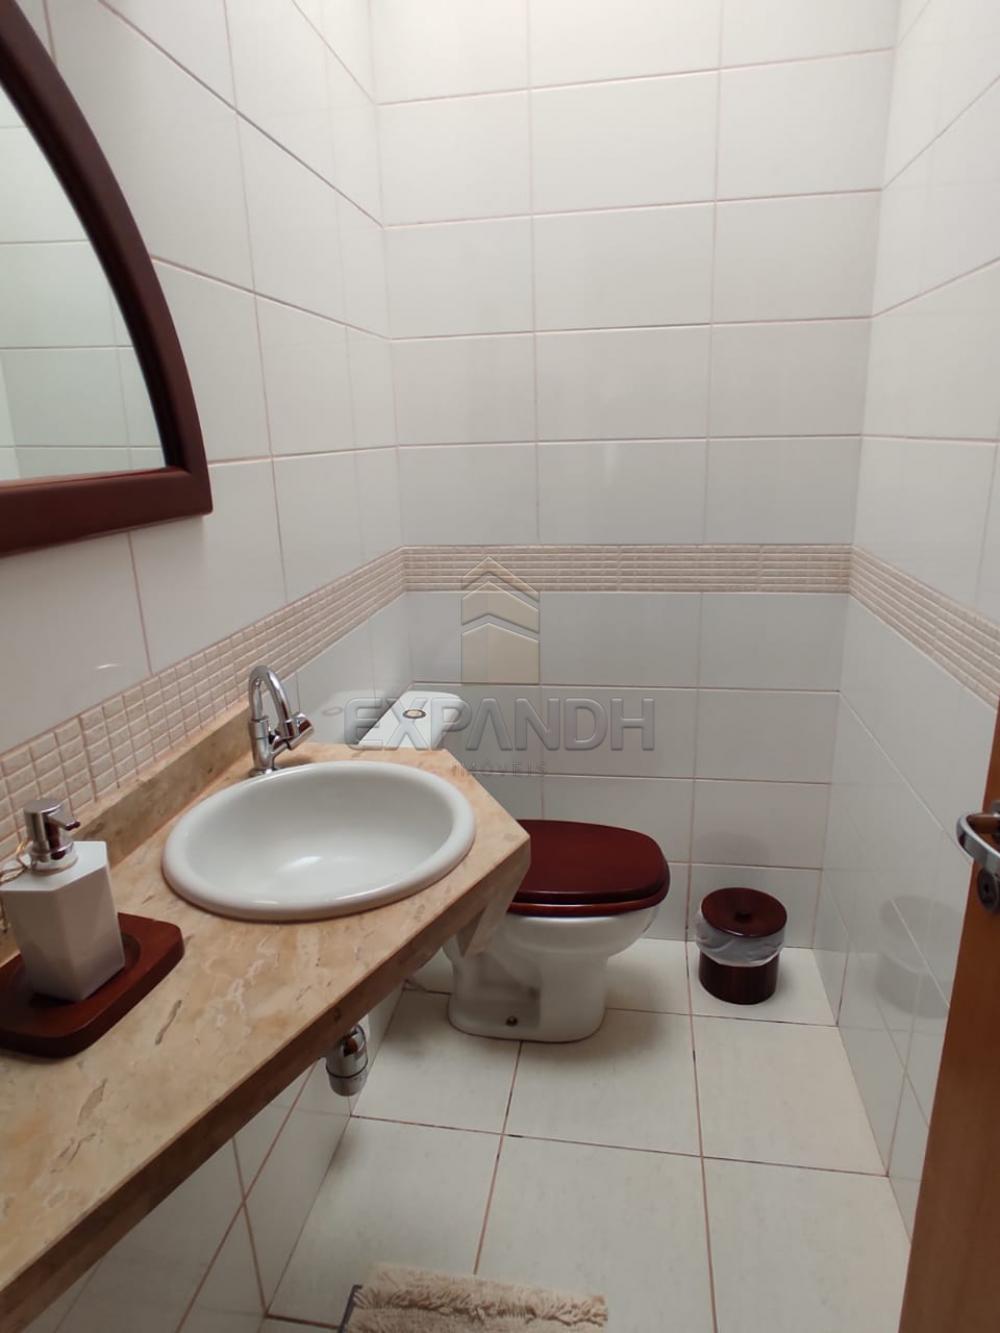 Comprar Apartamentos / Duplex em Sertãozinho R$ 890.000,00 - Foto 15